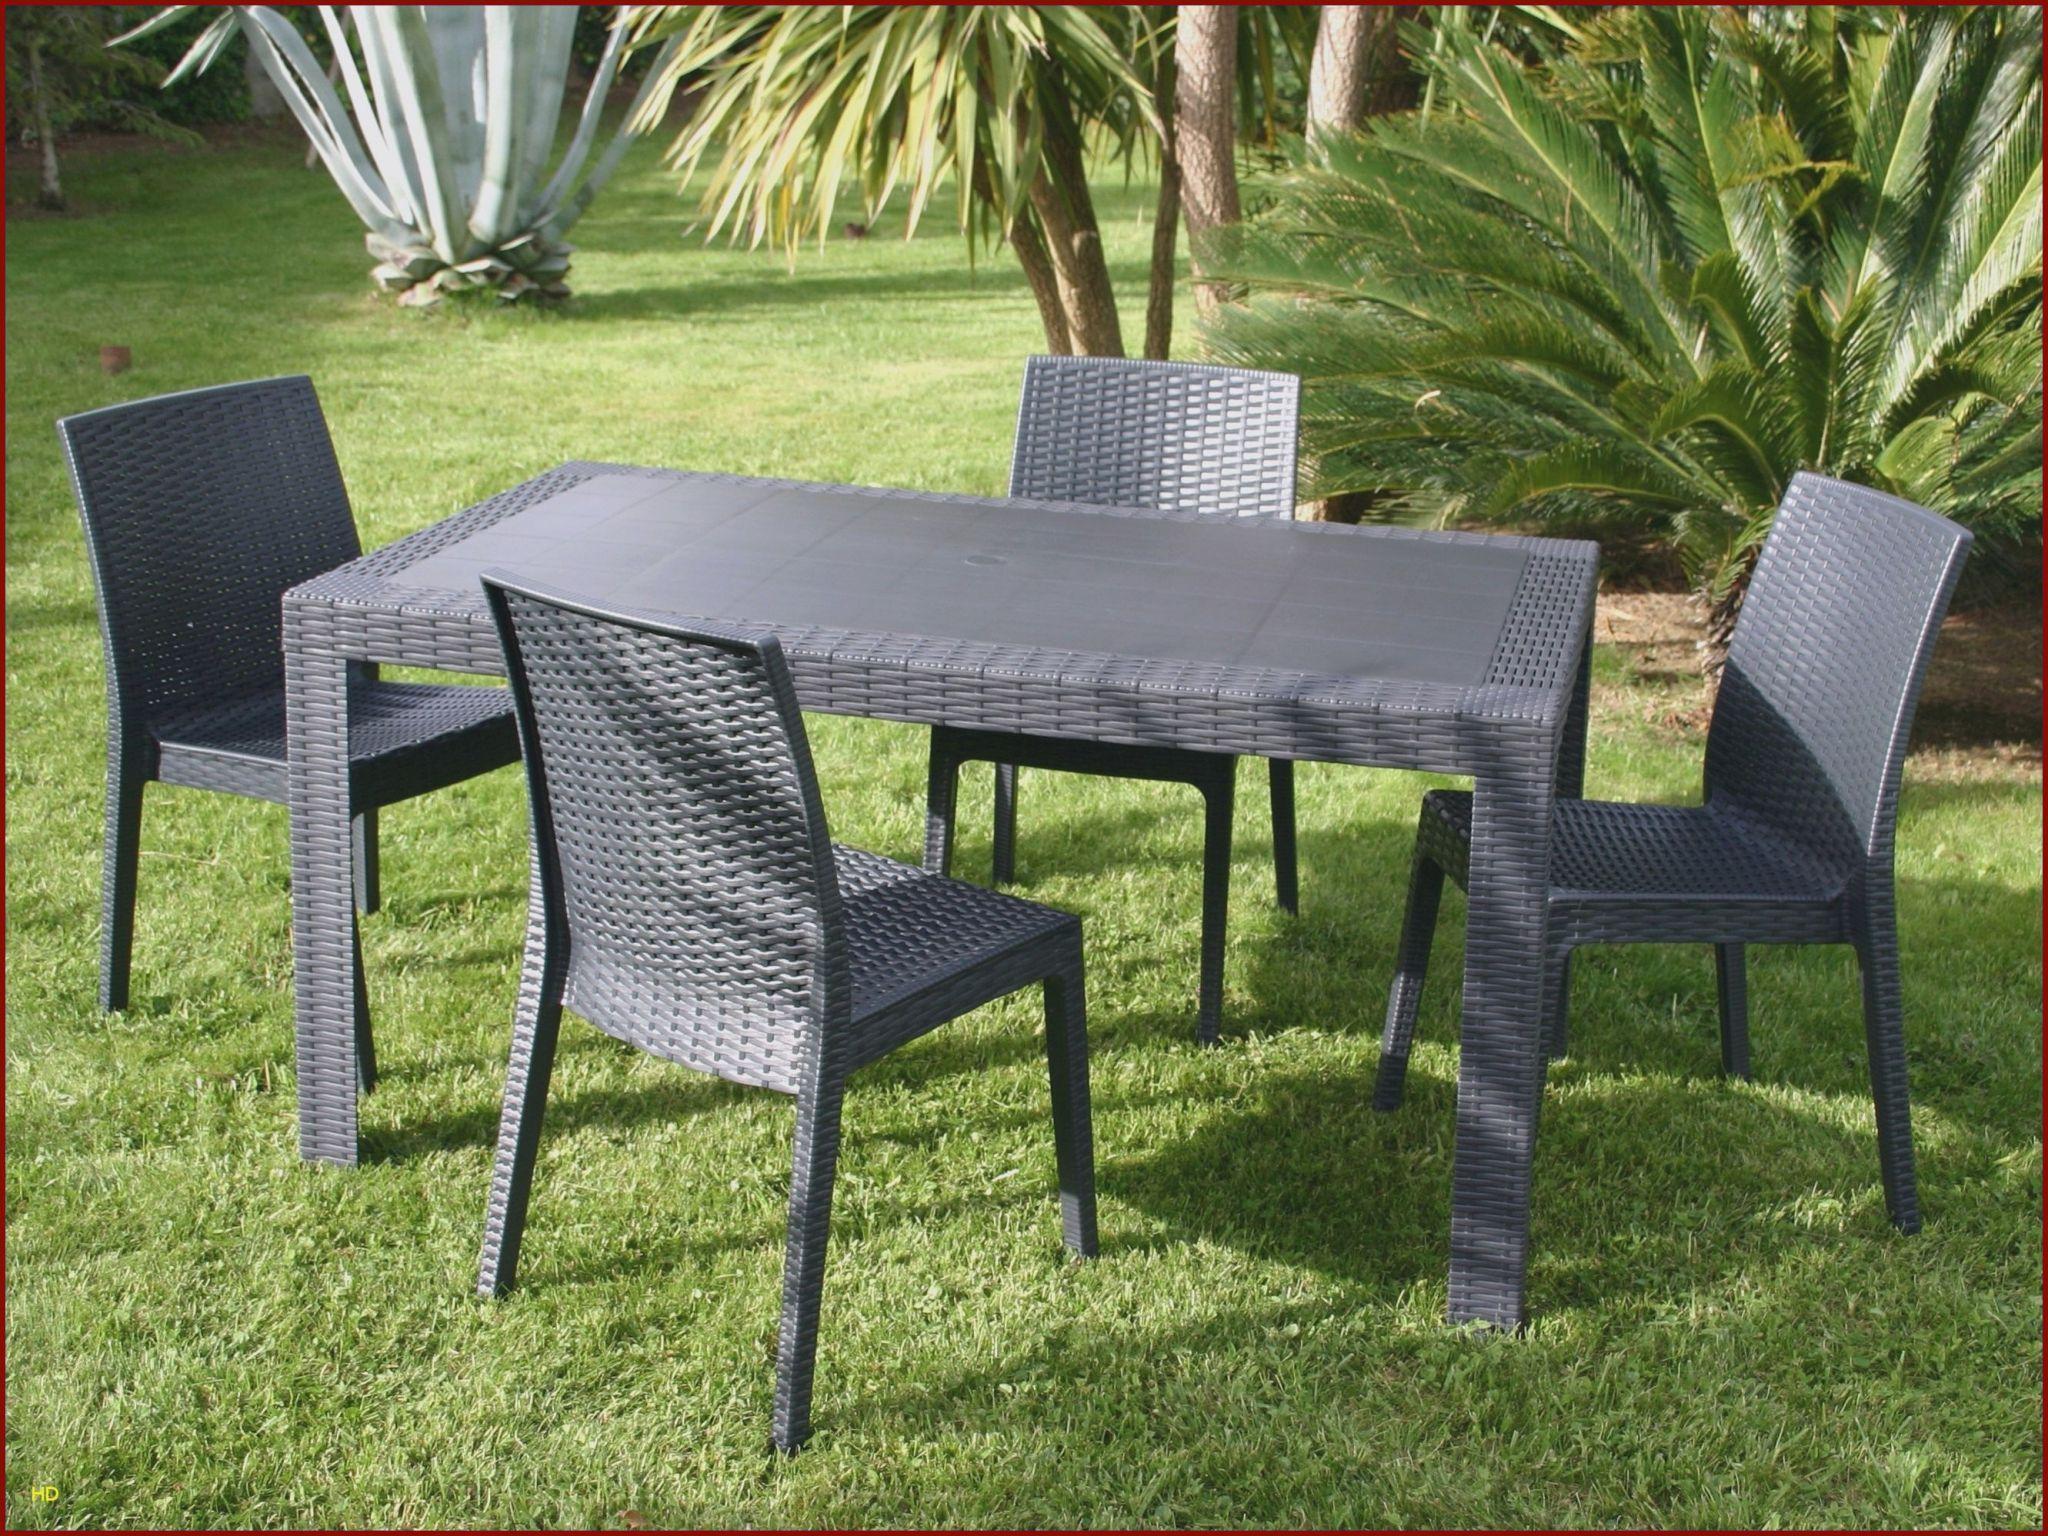 Chaises Luxe Chaise Ice 0D Table Jardin Resine Lovely ... destiné Chaise De Jardin En Resine Pas Cher